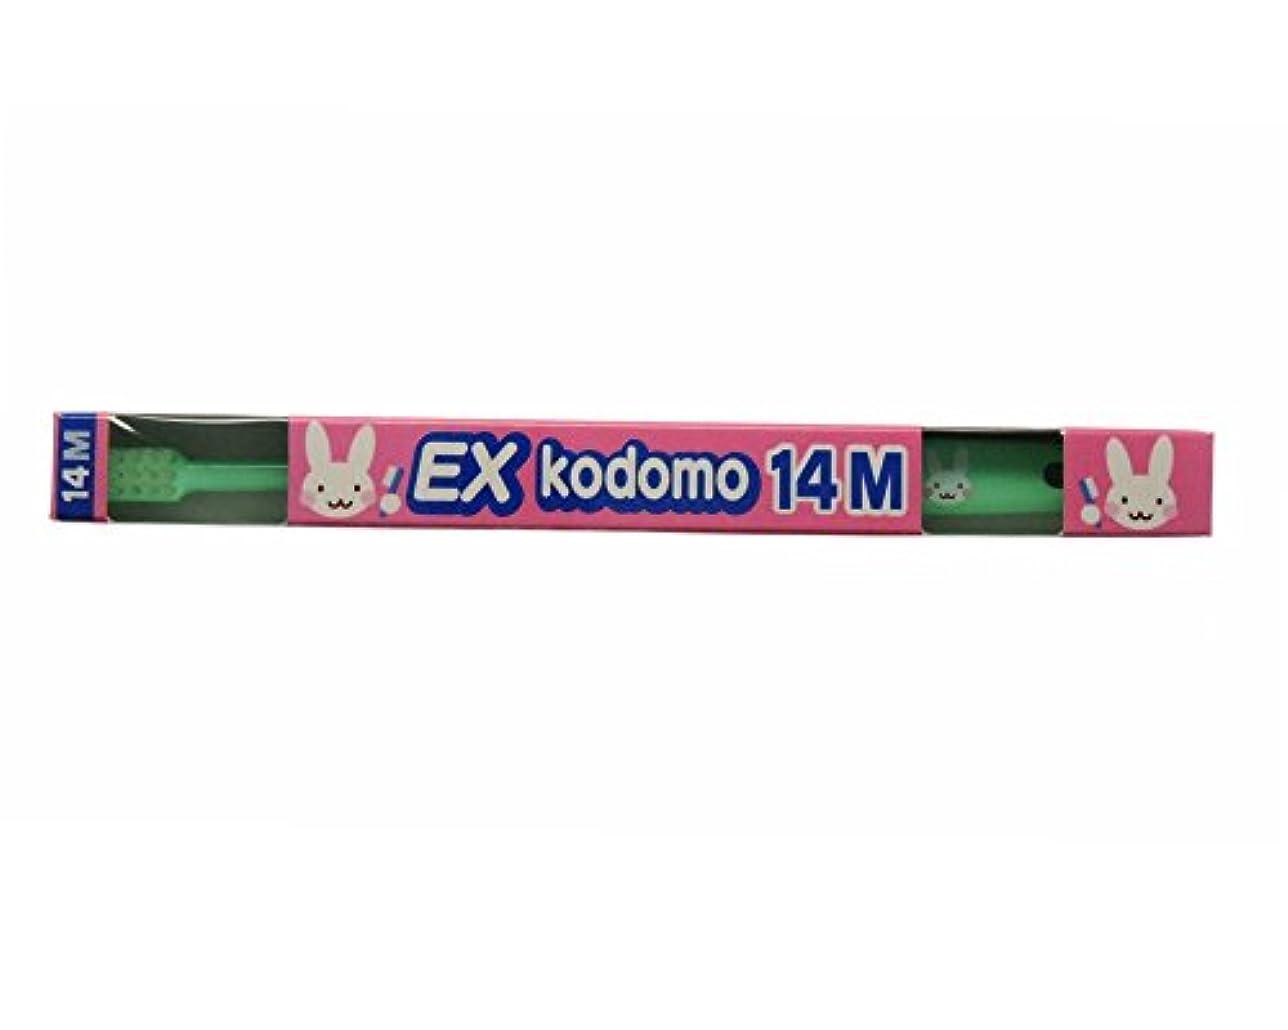 洗うターミナル子供っぽいDENT.EX kodomo/11M グリーン (混合歯列後期用?8?12歳)